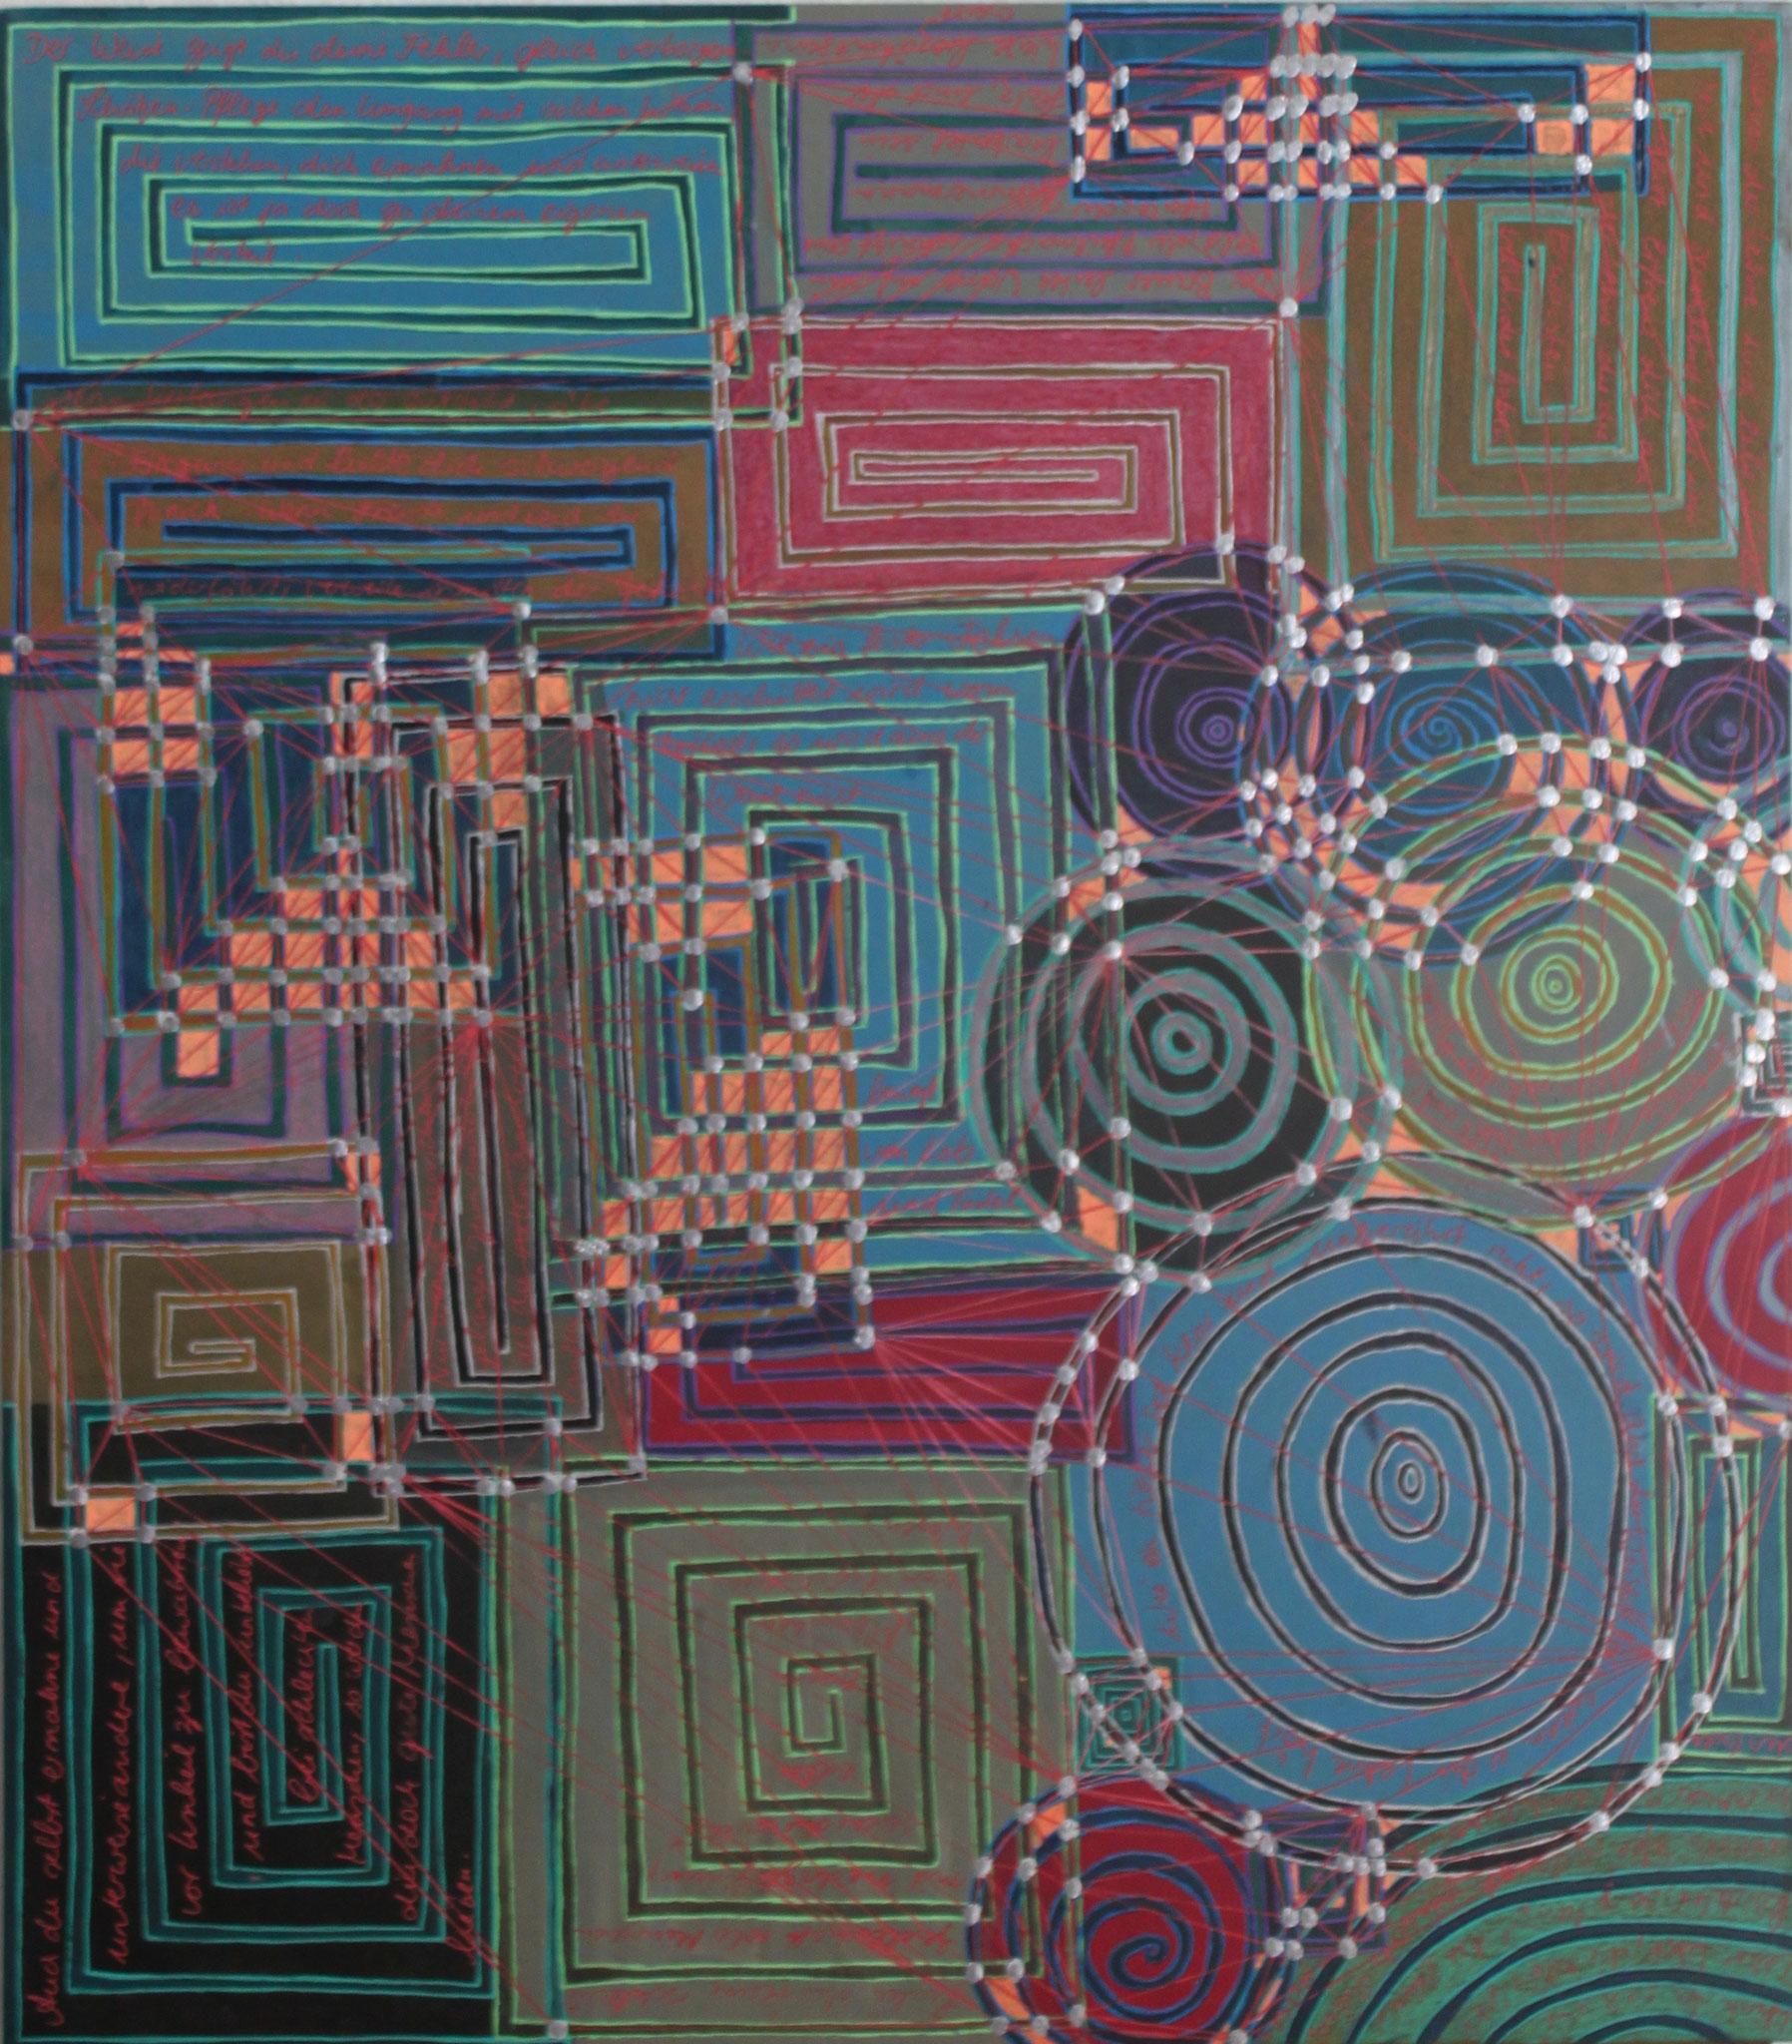 Sakura 6 - Der Weise; Mischtechnik auf Karton; 42 cm x 37 cm; 2018